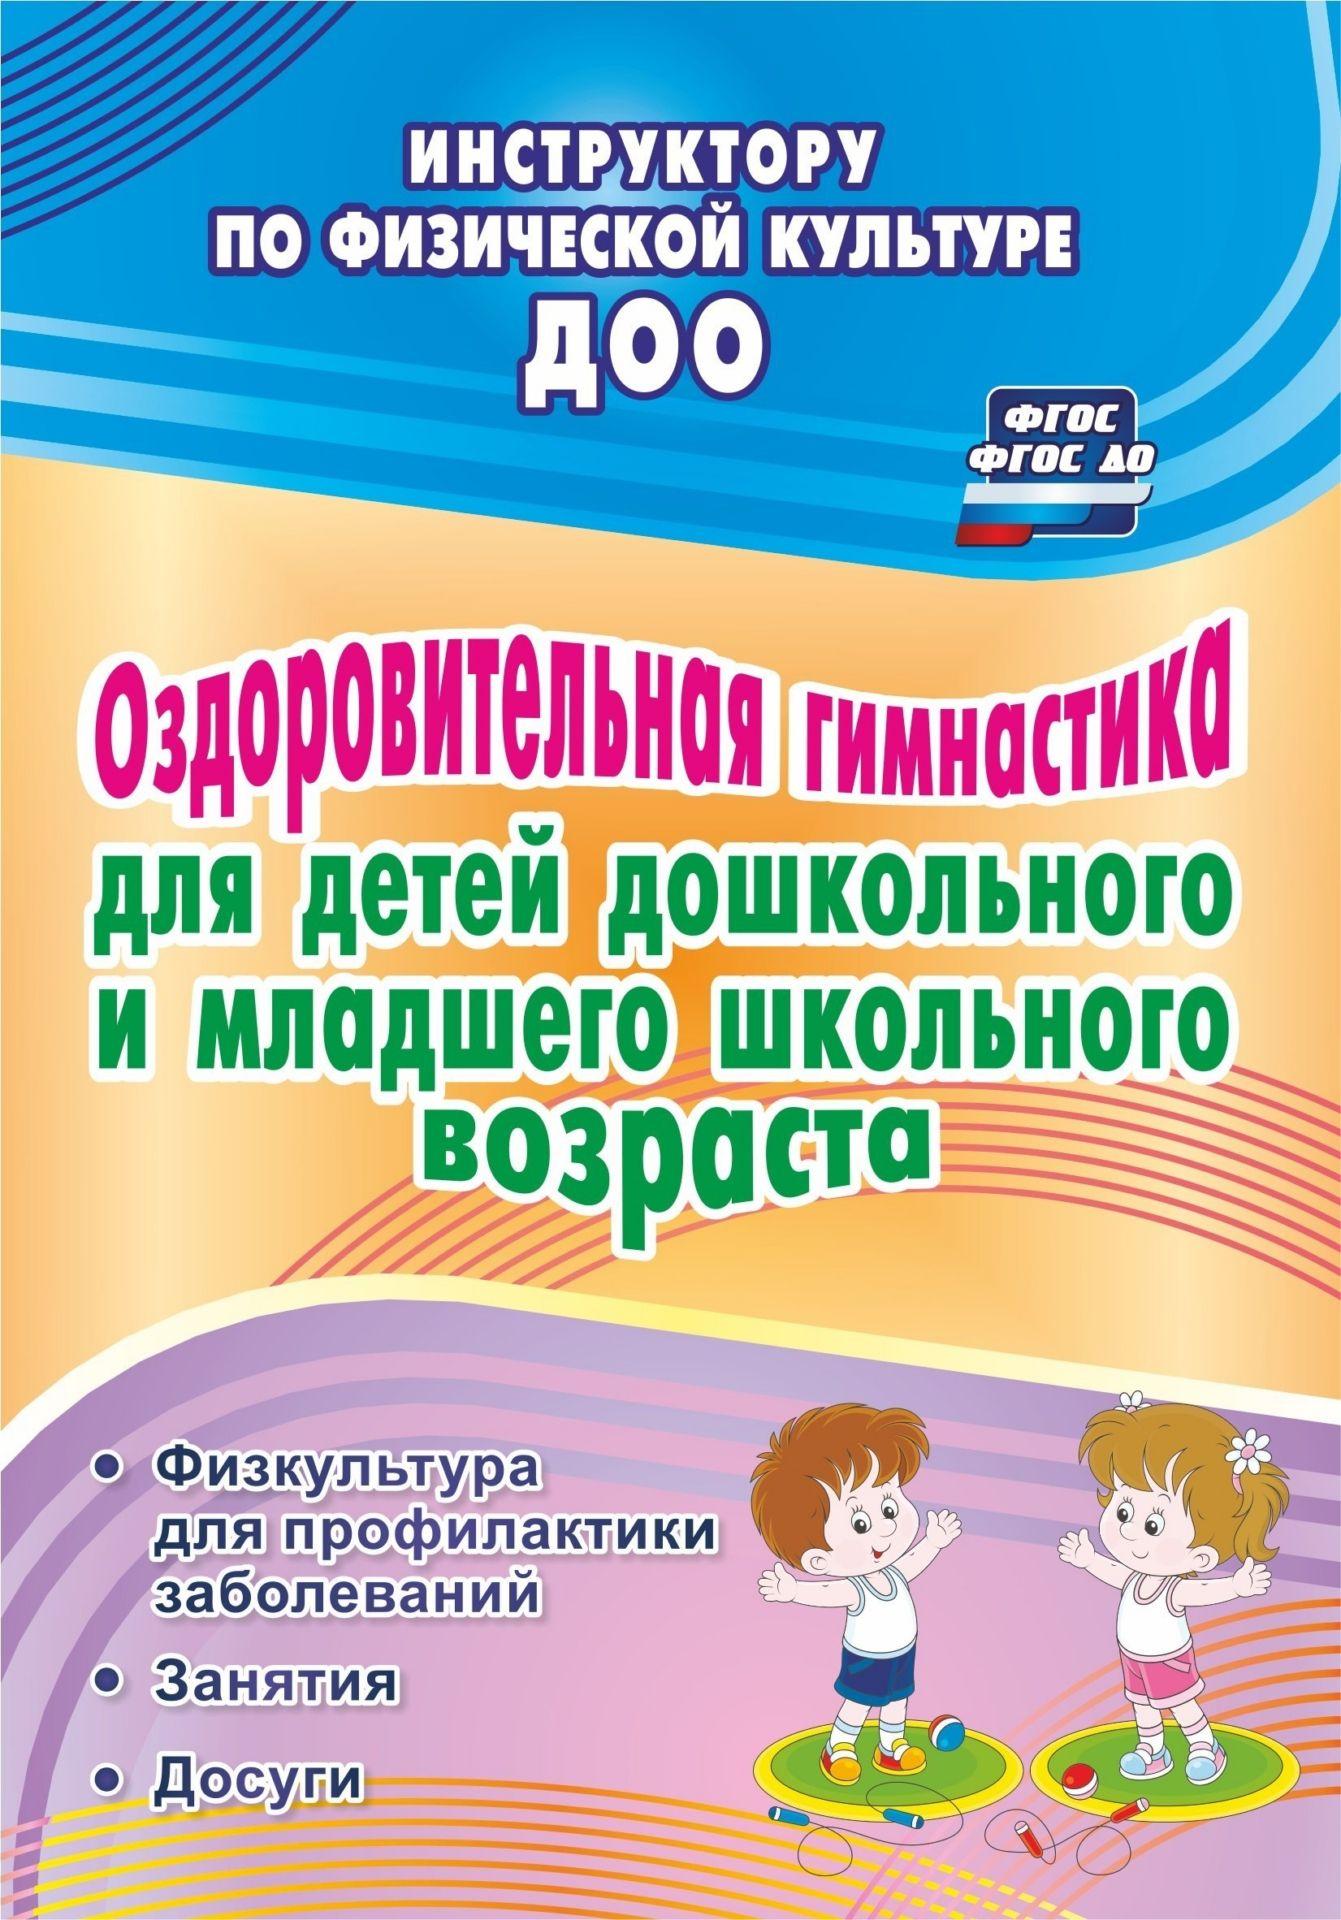 Оздоровительная гимнастика для детей дошкольного  и младшего школьного возраста. Физкультура для профилактики заболеваний. Занятия. Досуги. Программа для установки через Интернет